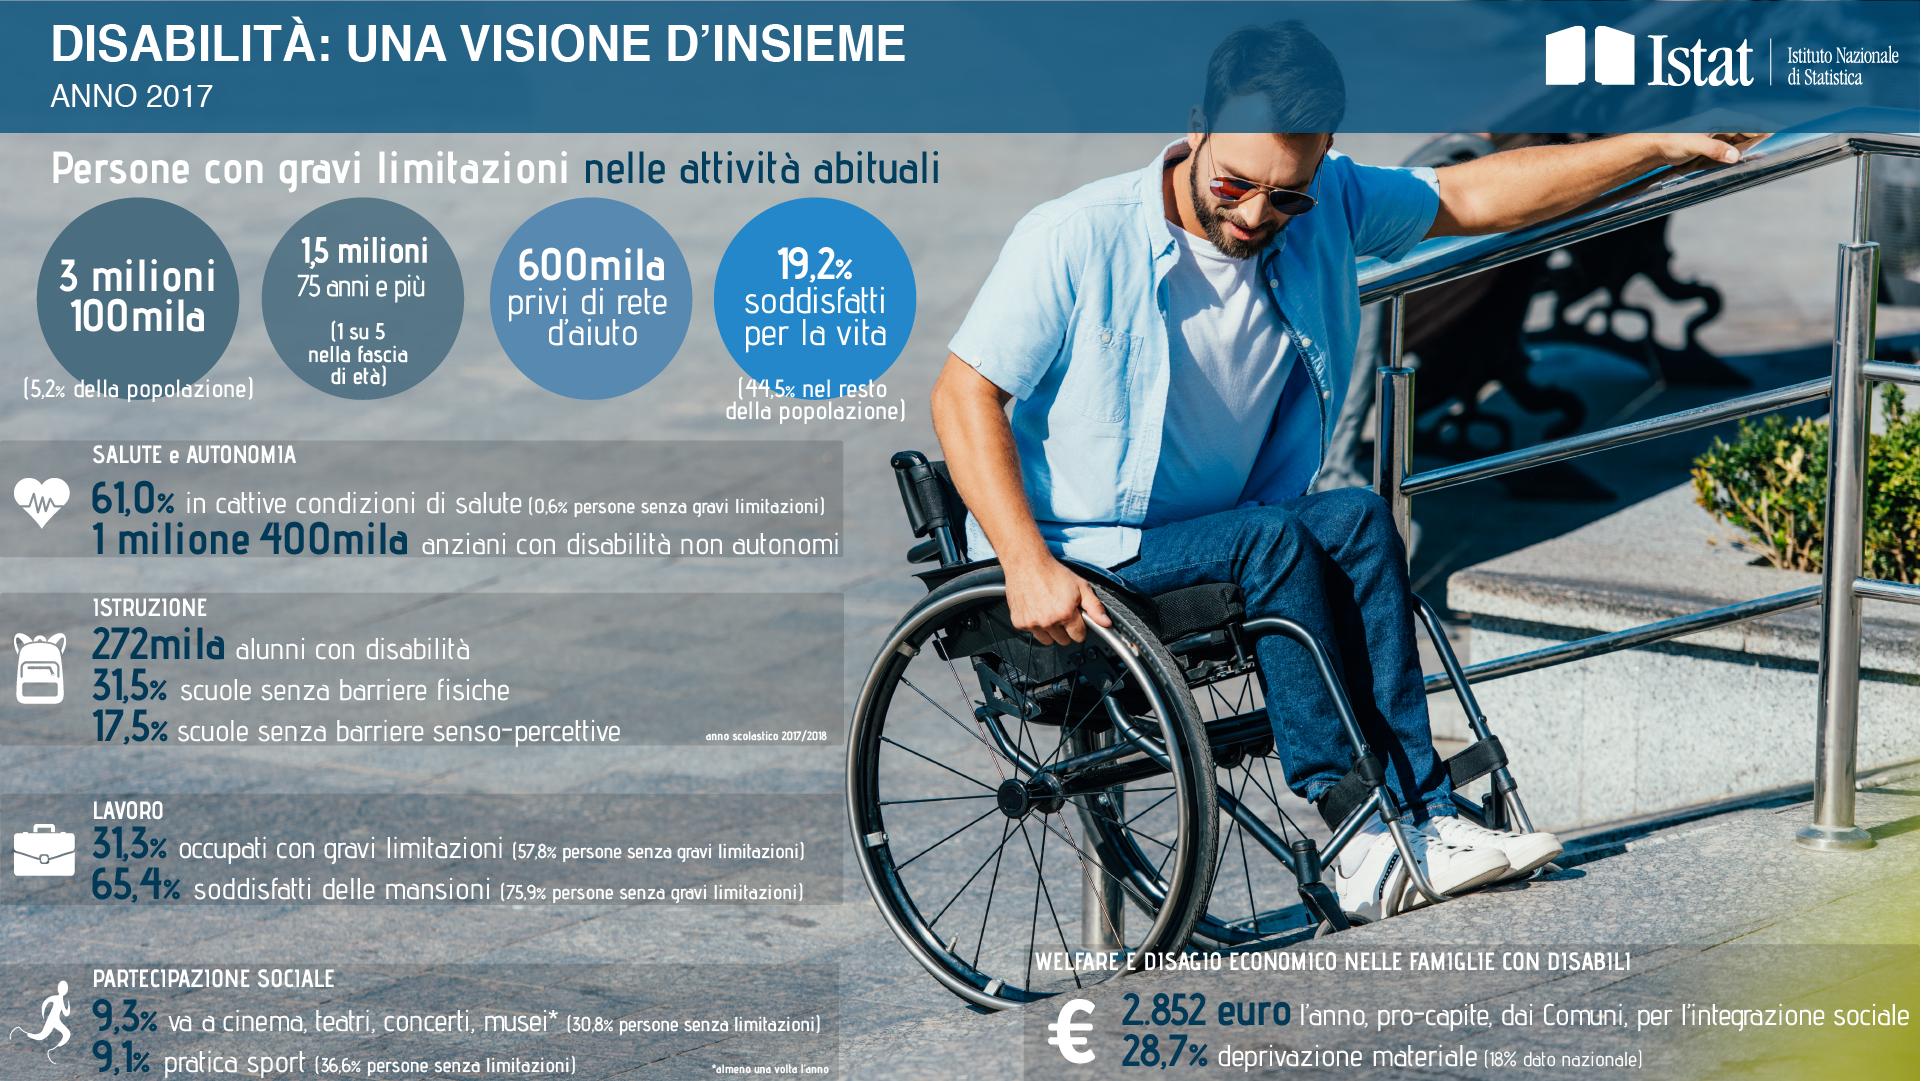 La disabilità nel nostro paese